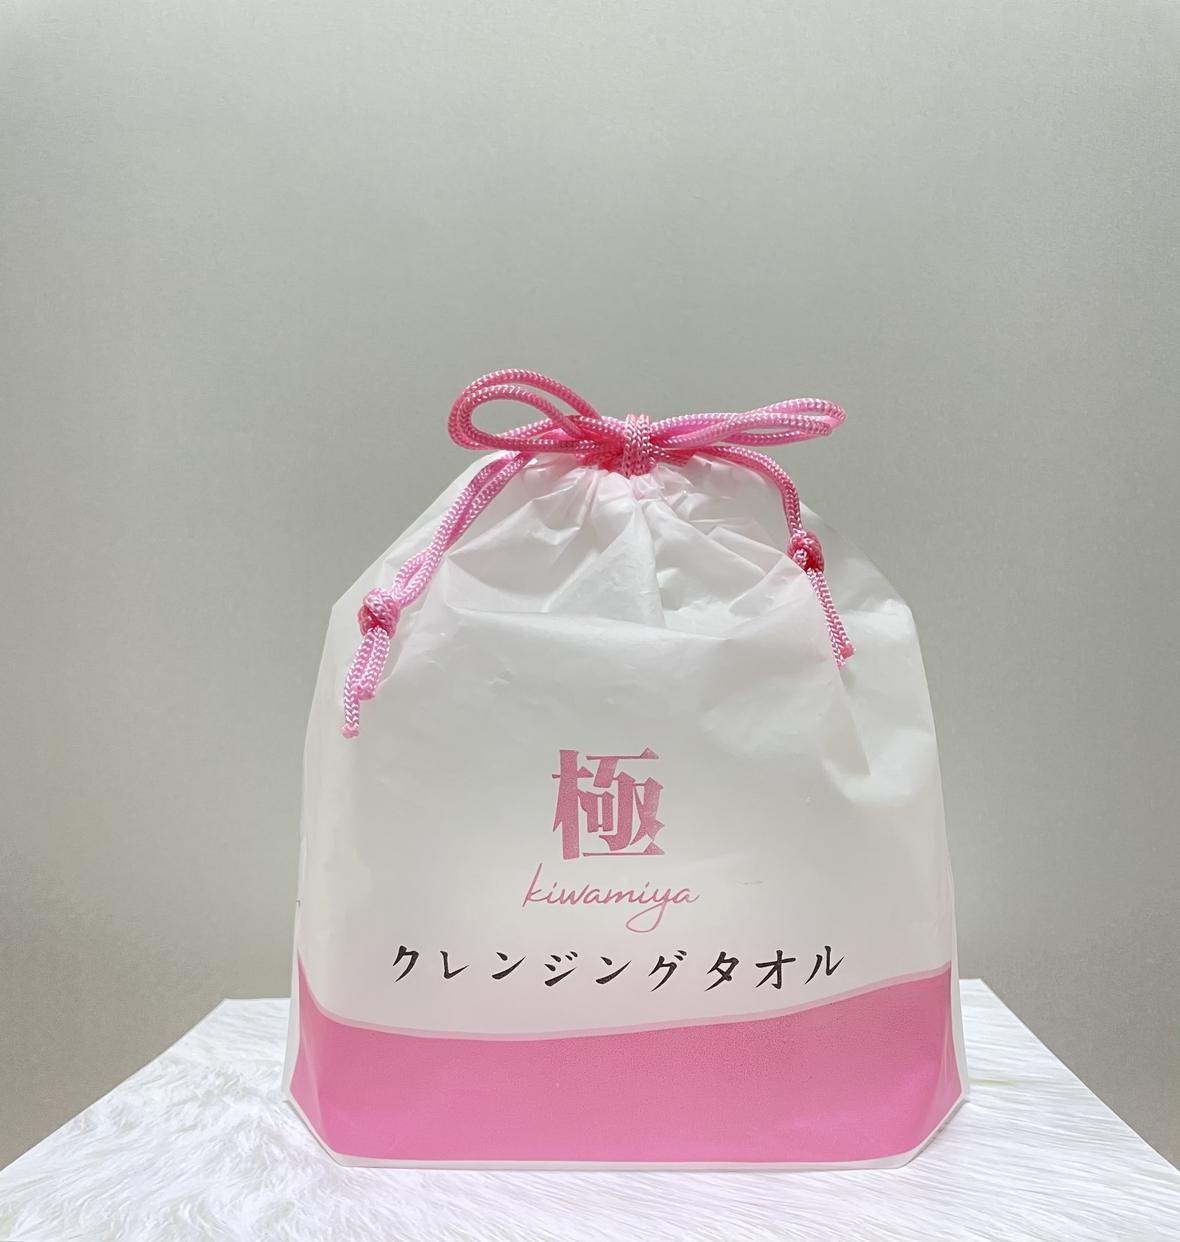 MIYAMA(ミヤマ) 極クレンジングタオルを使ったrariaさんのクチコミ画像1